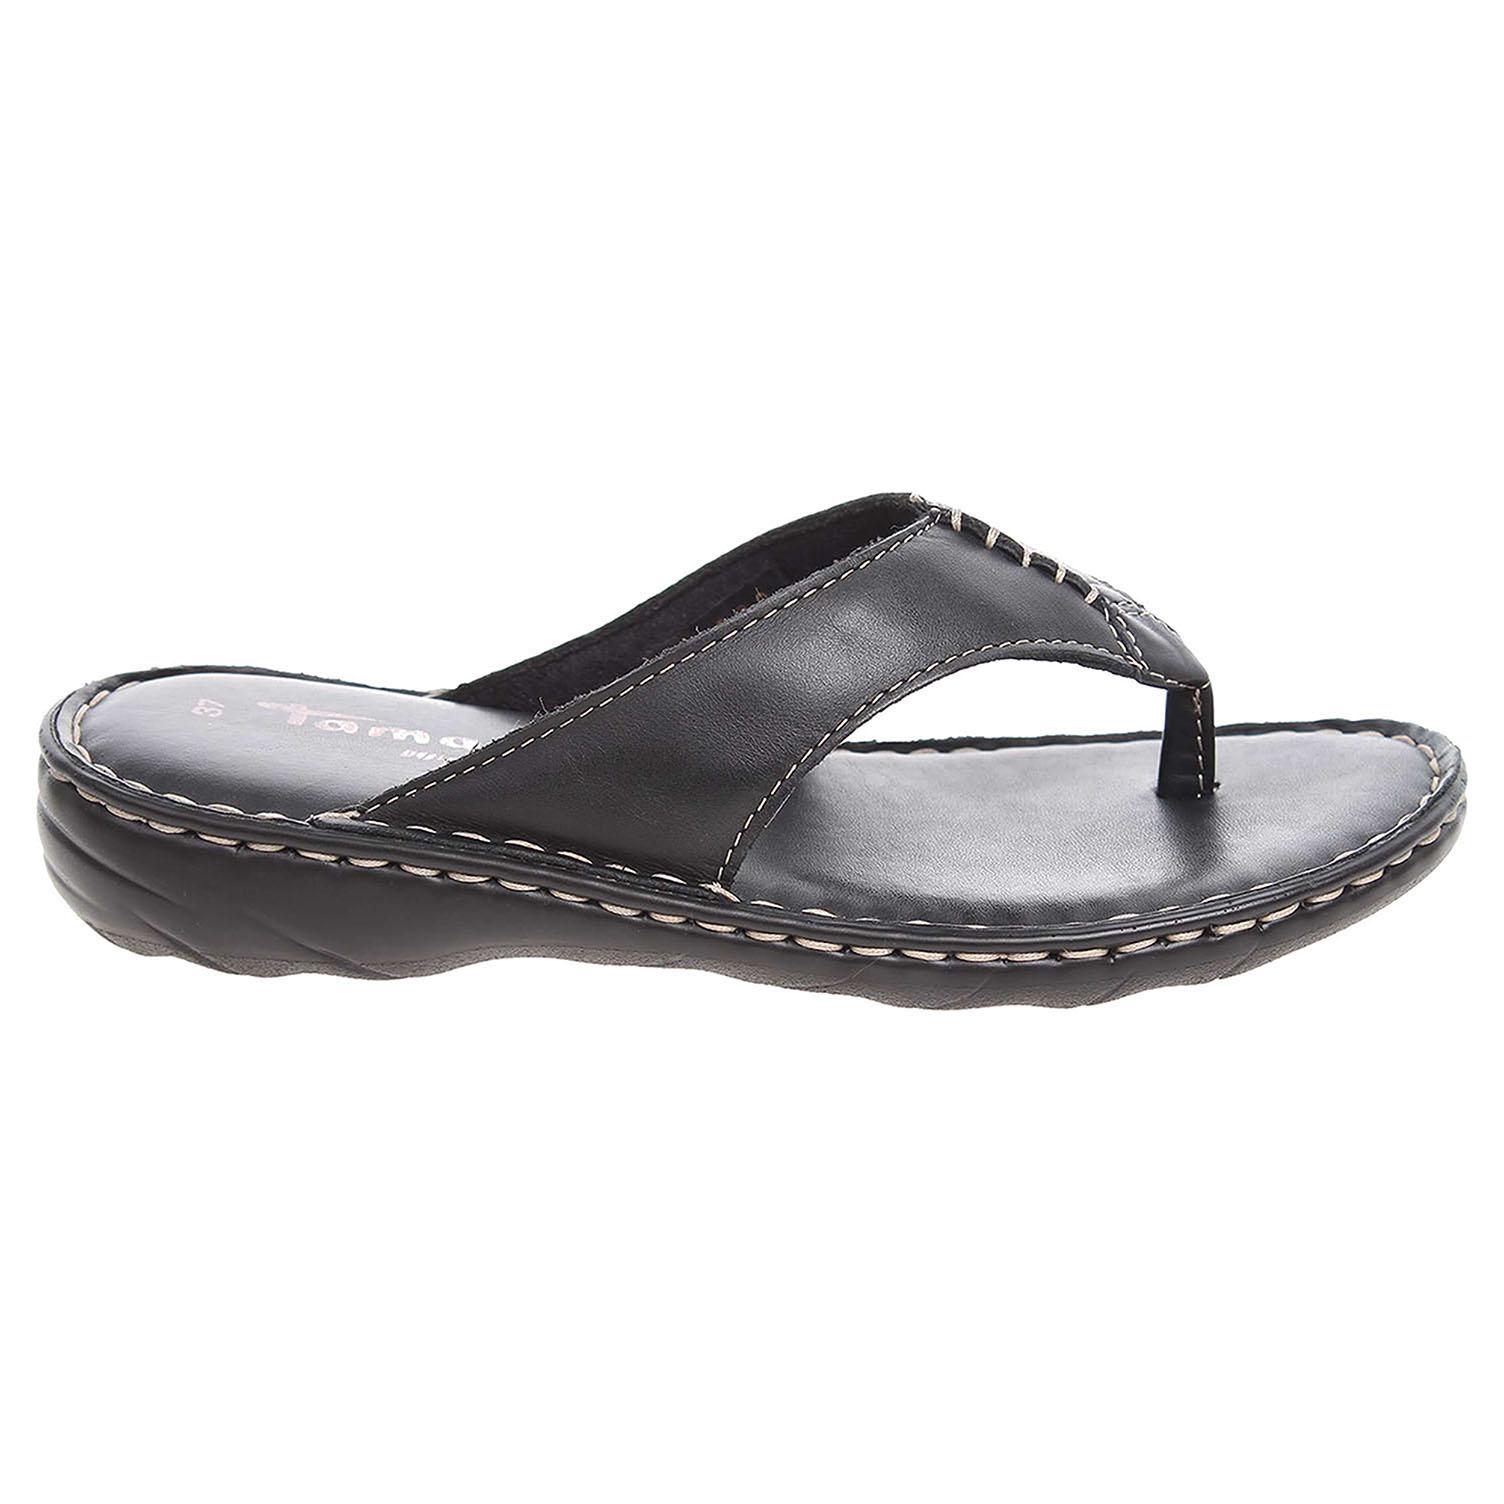 Ecco Tamaris dámské pantofle 1-27210-26 černé 23600720